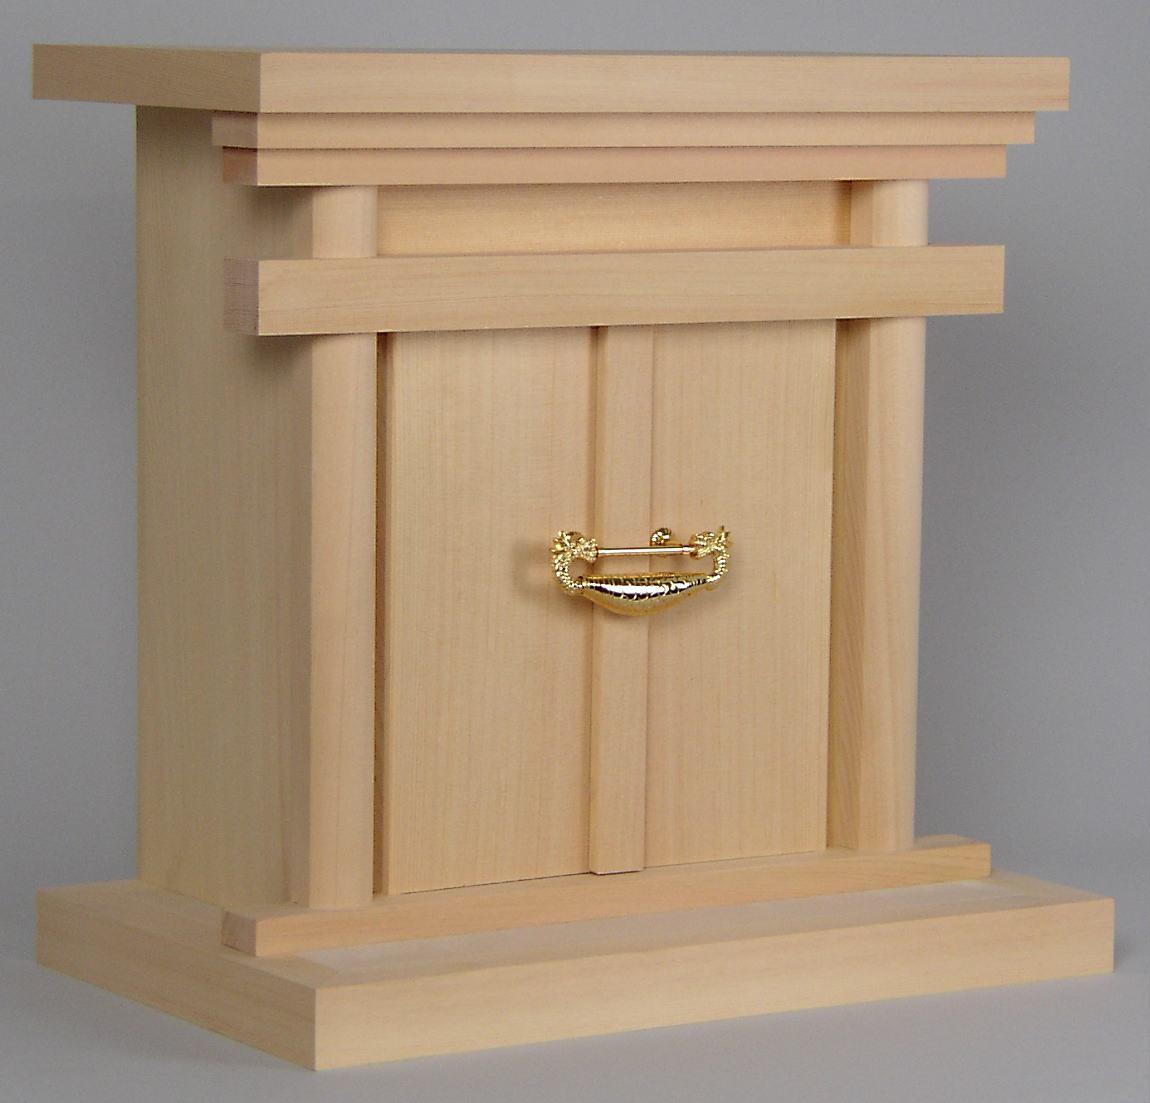 御霊舎 神徒 出色 で御先祖をまつる御社 造り付けの祭壇の有る場合や 棚に設置する際におすすめ 神具 メイルオーダー 神徒用 御霊舎特上 祖霊舎 中 送料無料